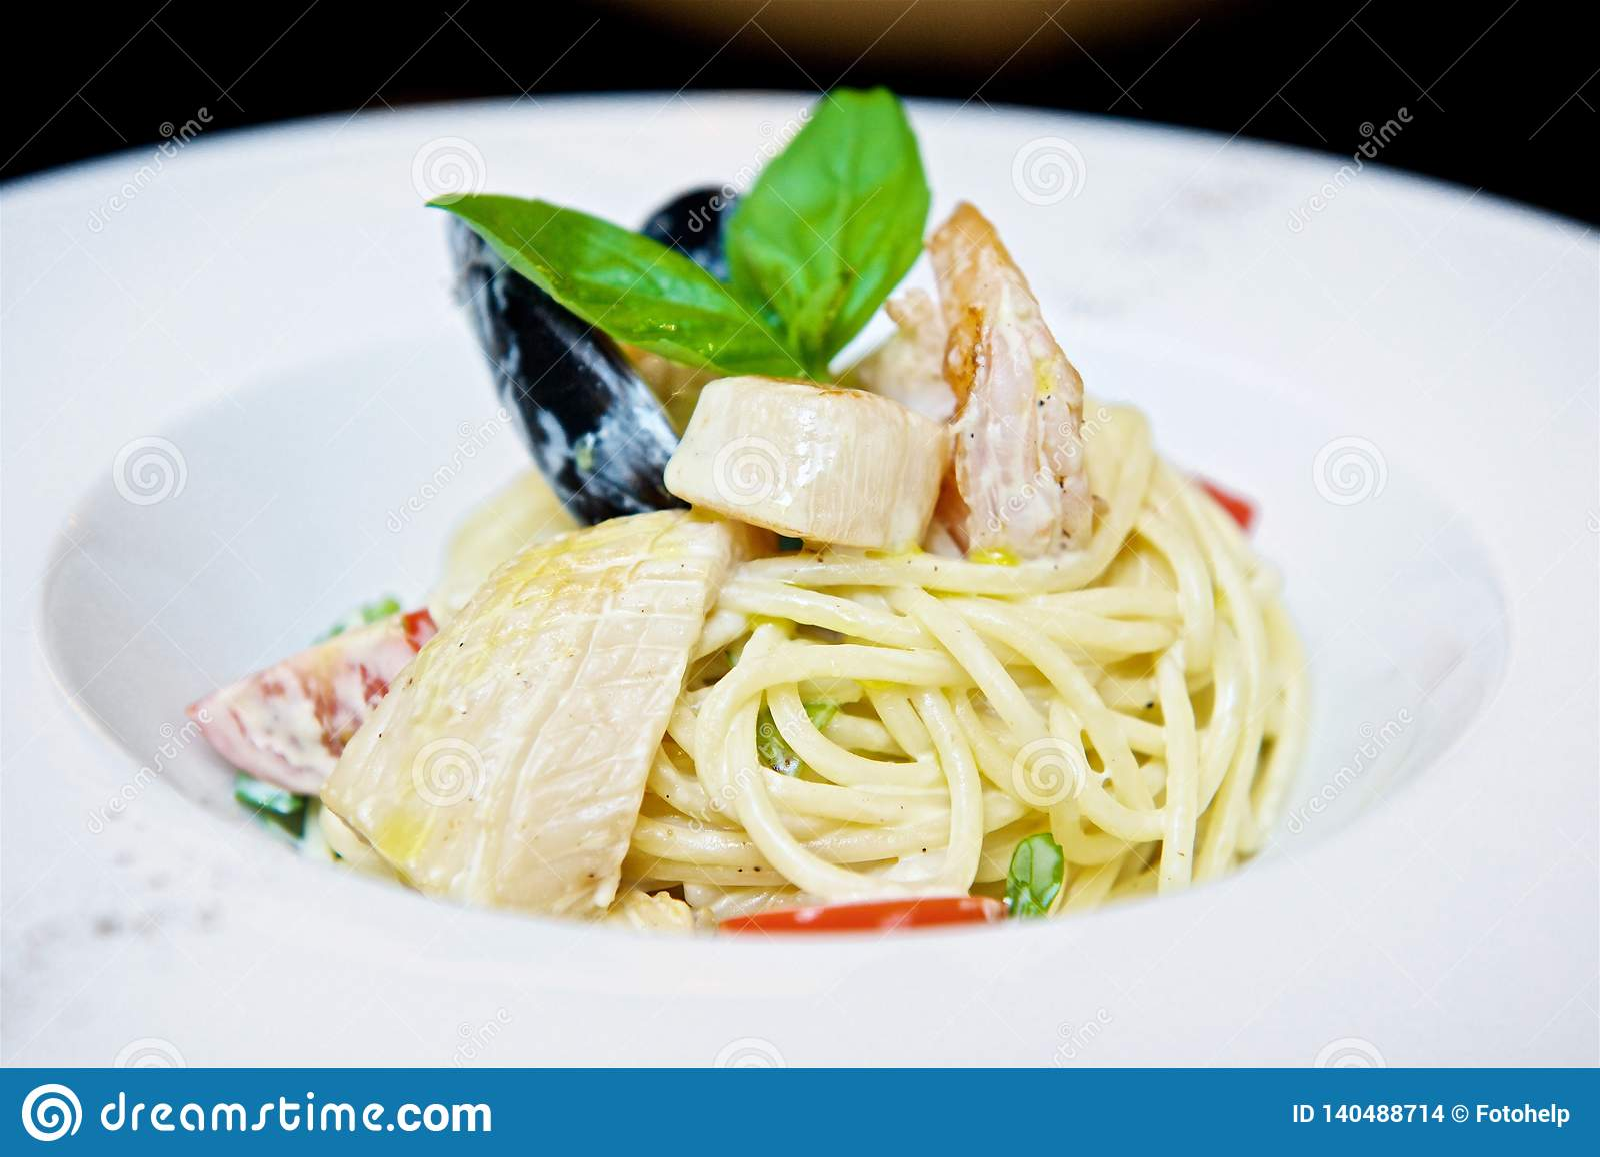 Spaghettis mit Meeresfrüchten und Tomaten